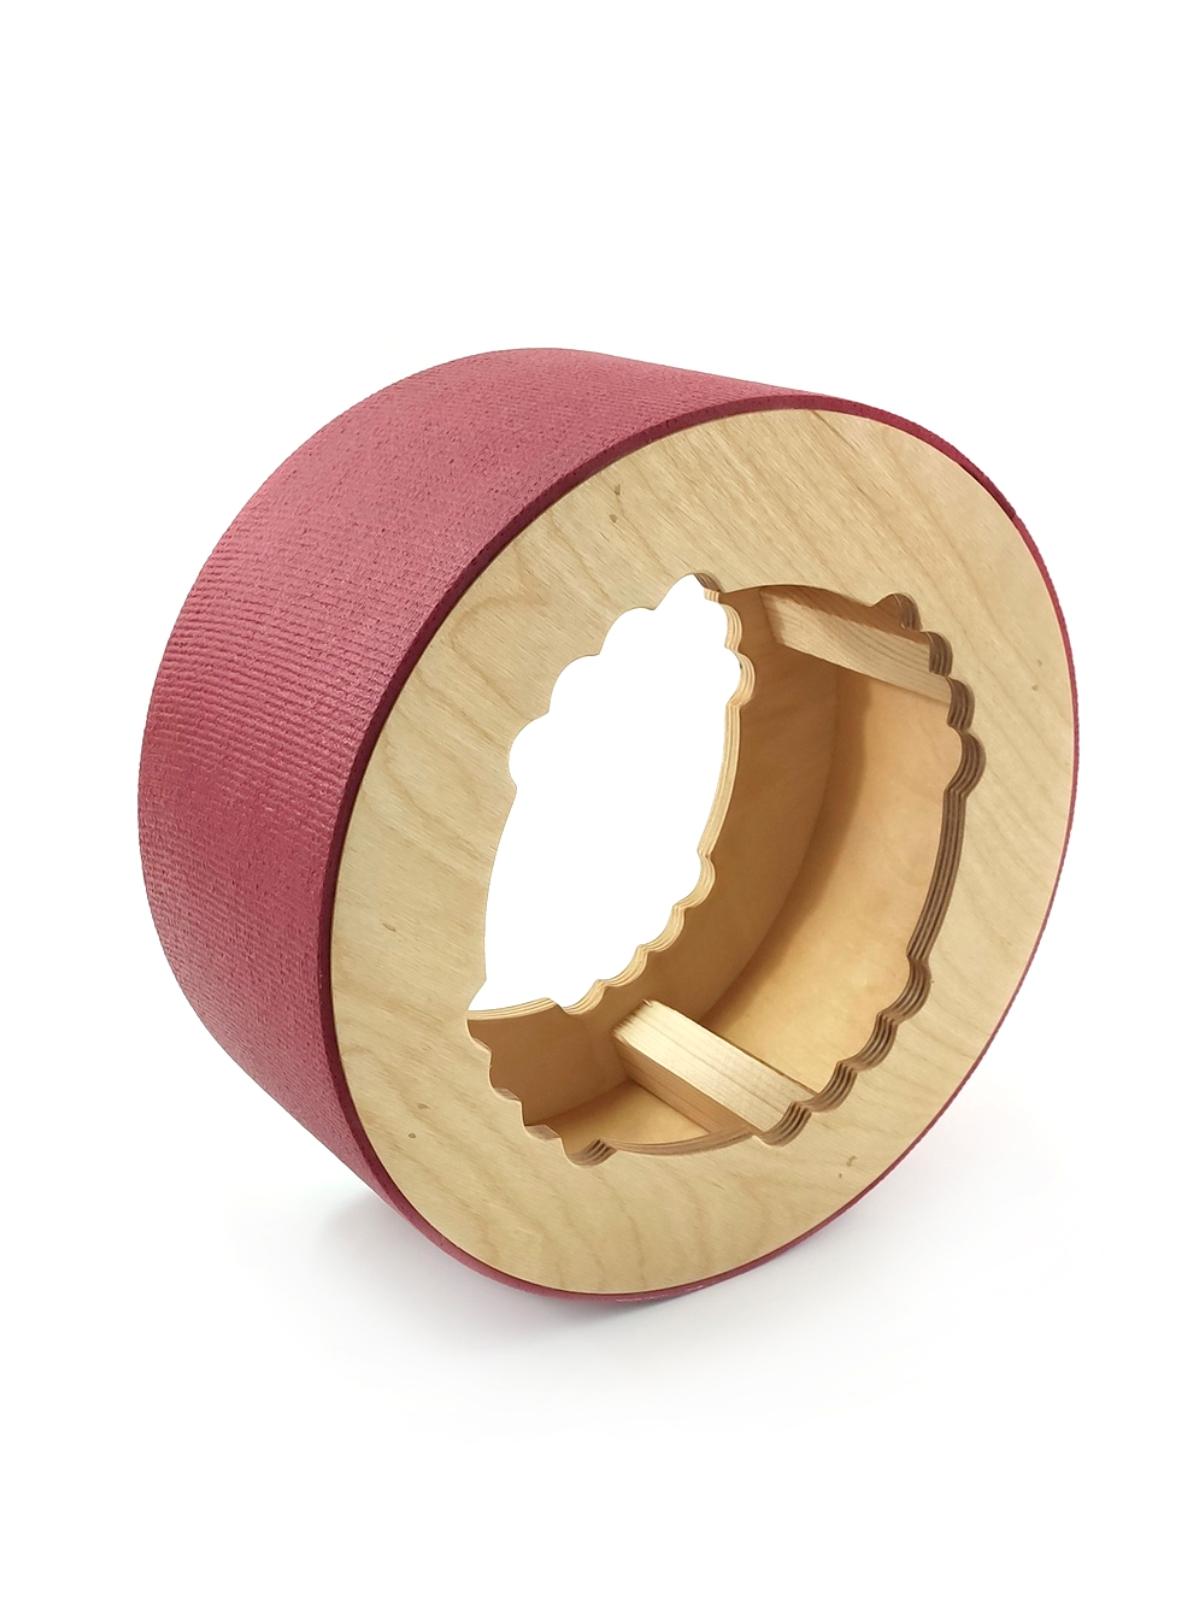 Йога колесо Лотос 32 см (1.5 кг, 32 см, бордовый, 13 см)